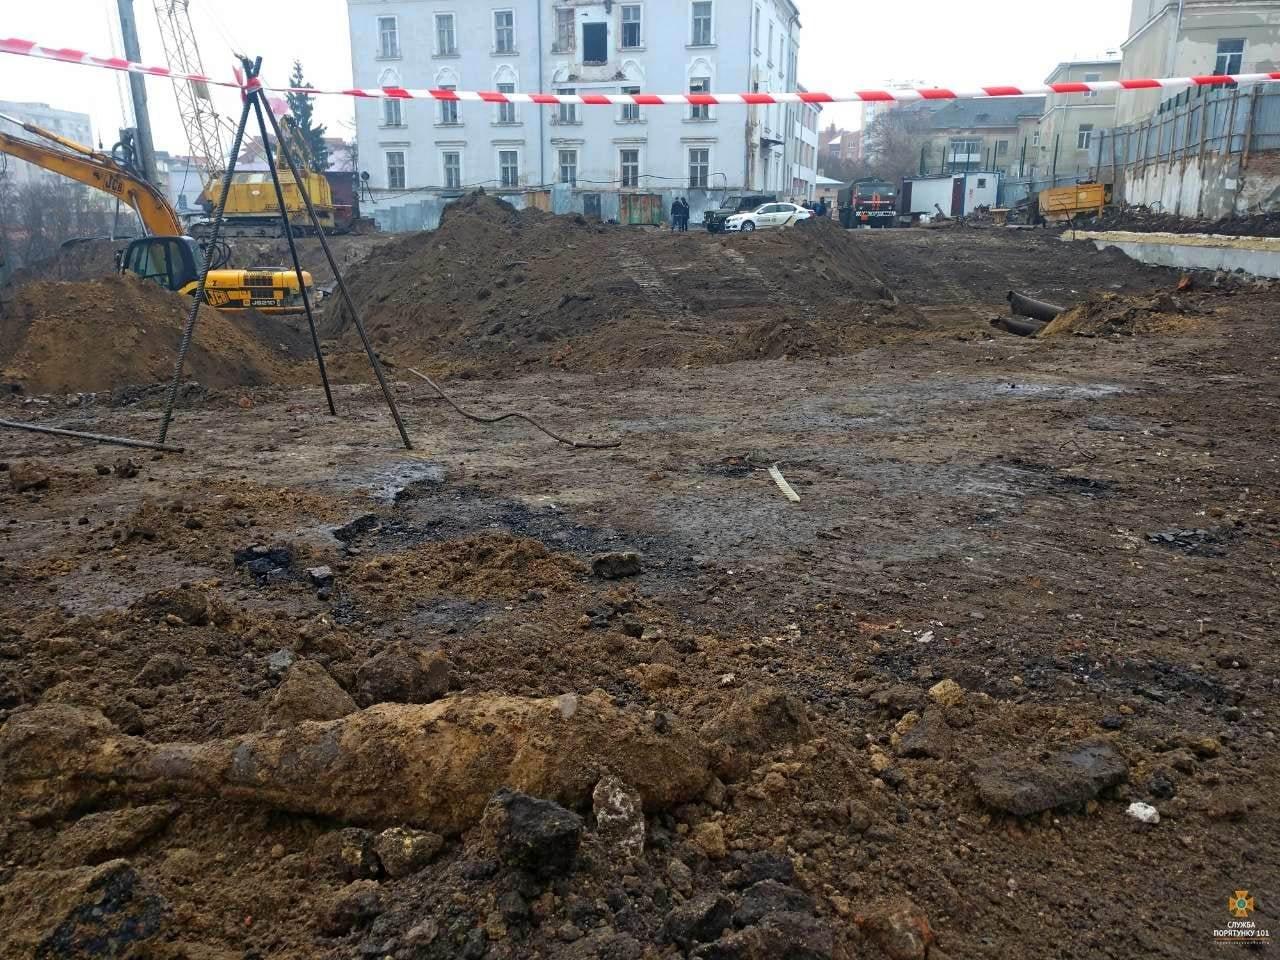 """Біля """"білого дому"""" в Тернополі викопали смертоносний """"скарб"""" (ФОТО), фото-3"""